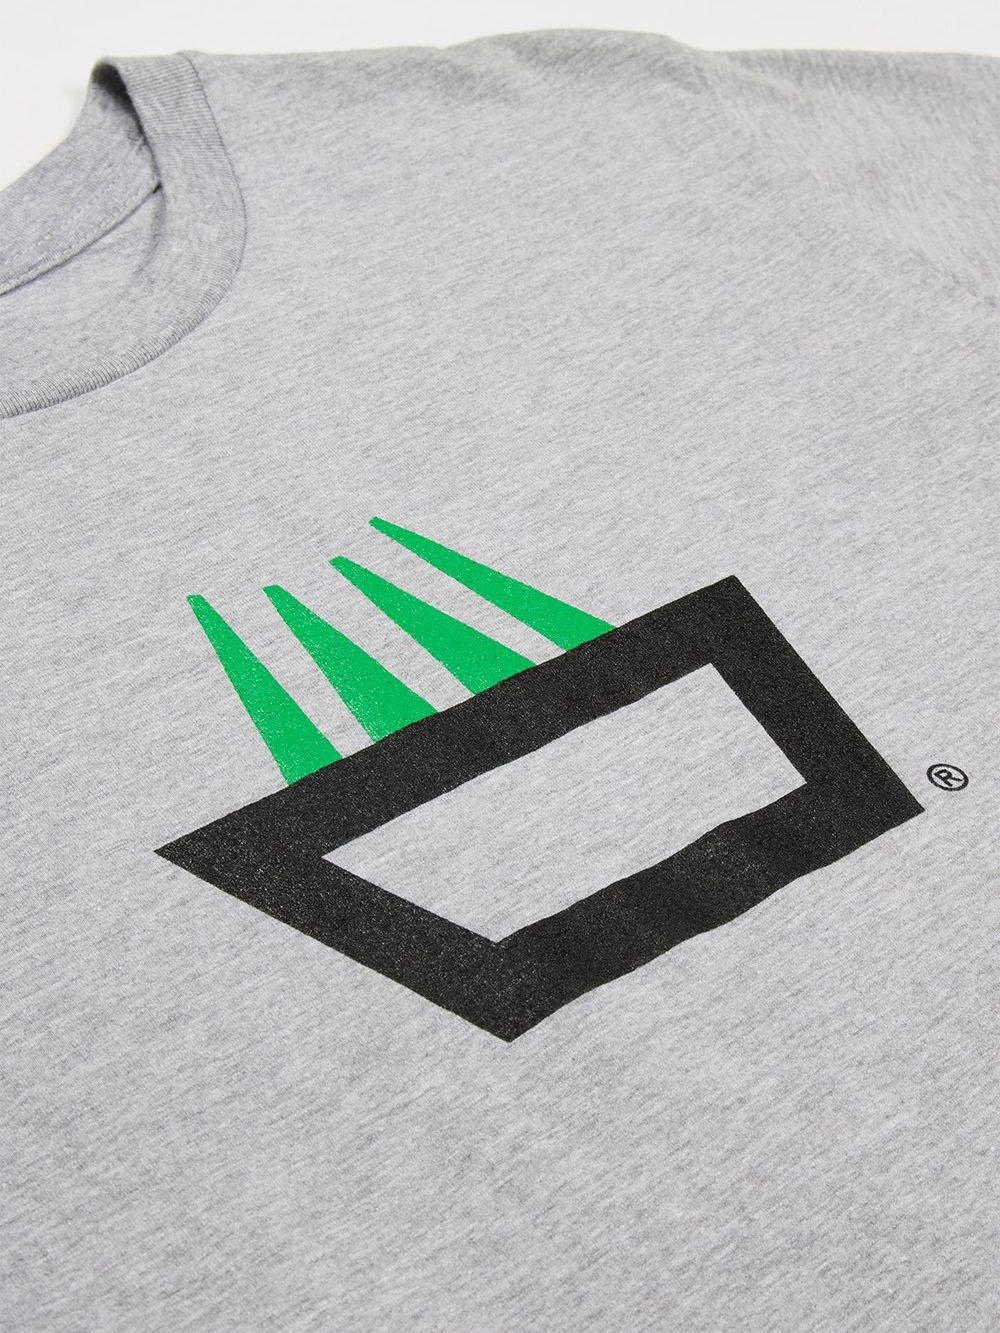 Camiseta mimaría hempworks color gris, detalle del logo